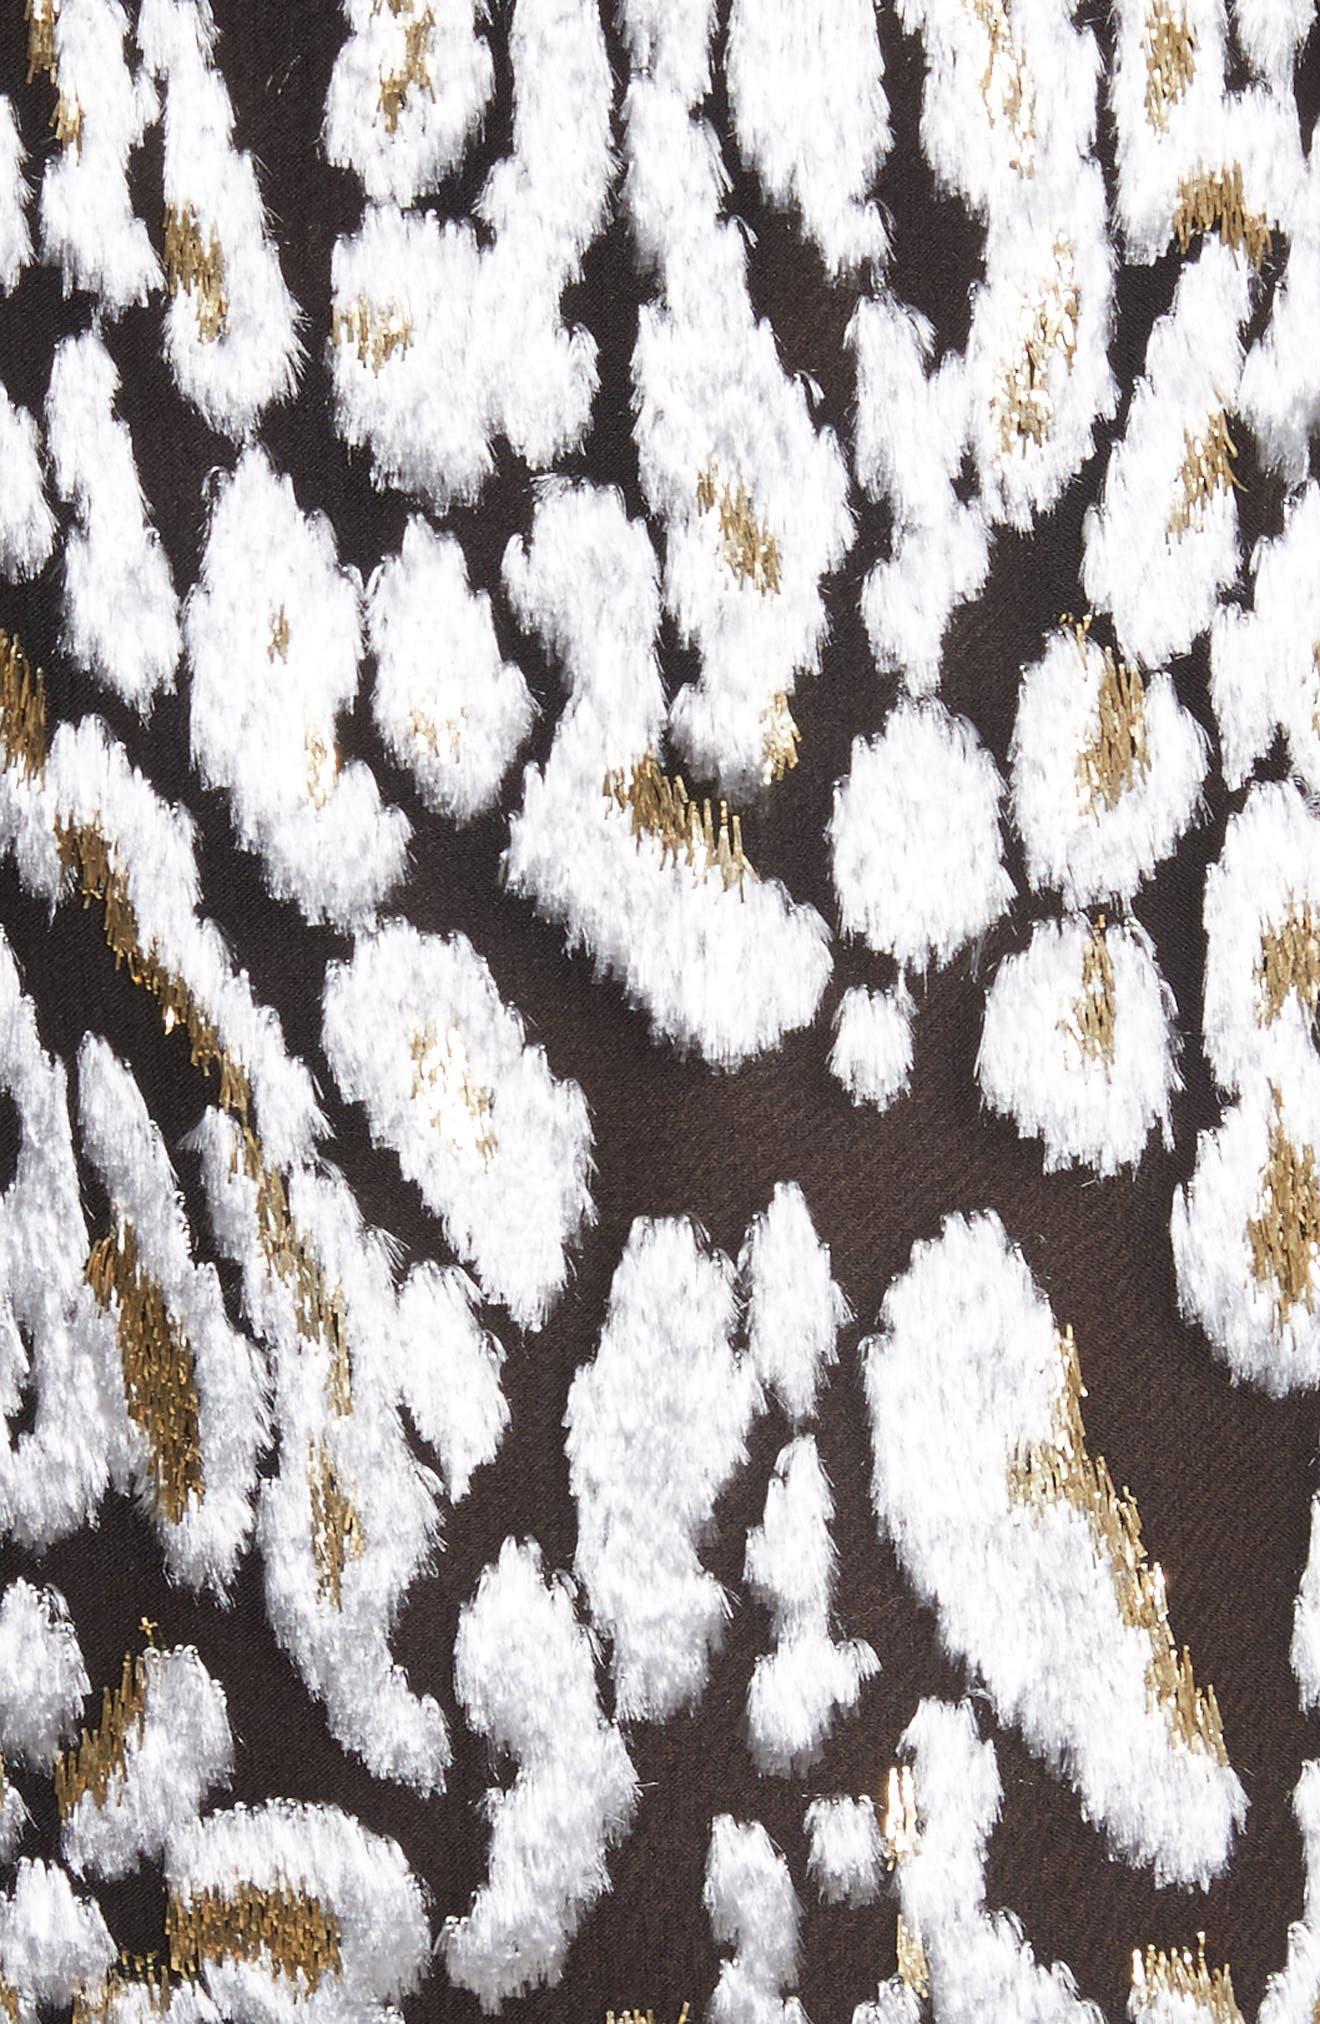 Ocelot Velvet Jacquard Dress,                             Alternate thumbnail 6, color,                             Black/ Ivory/ Gold